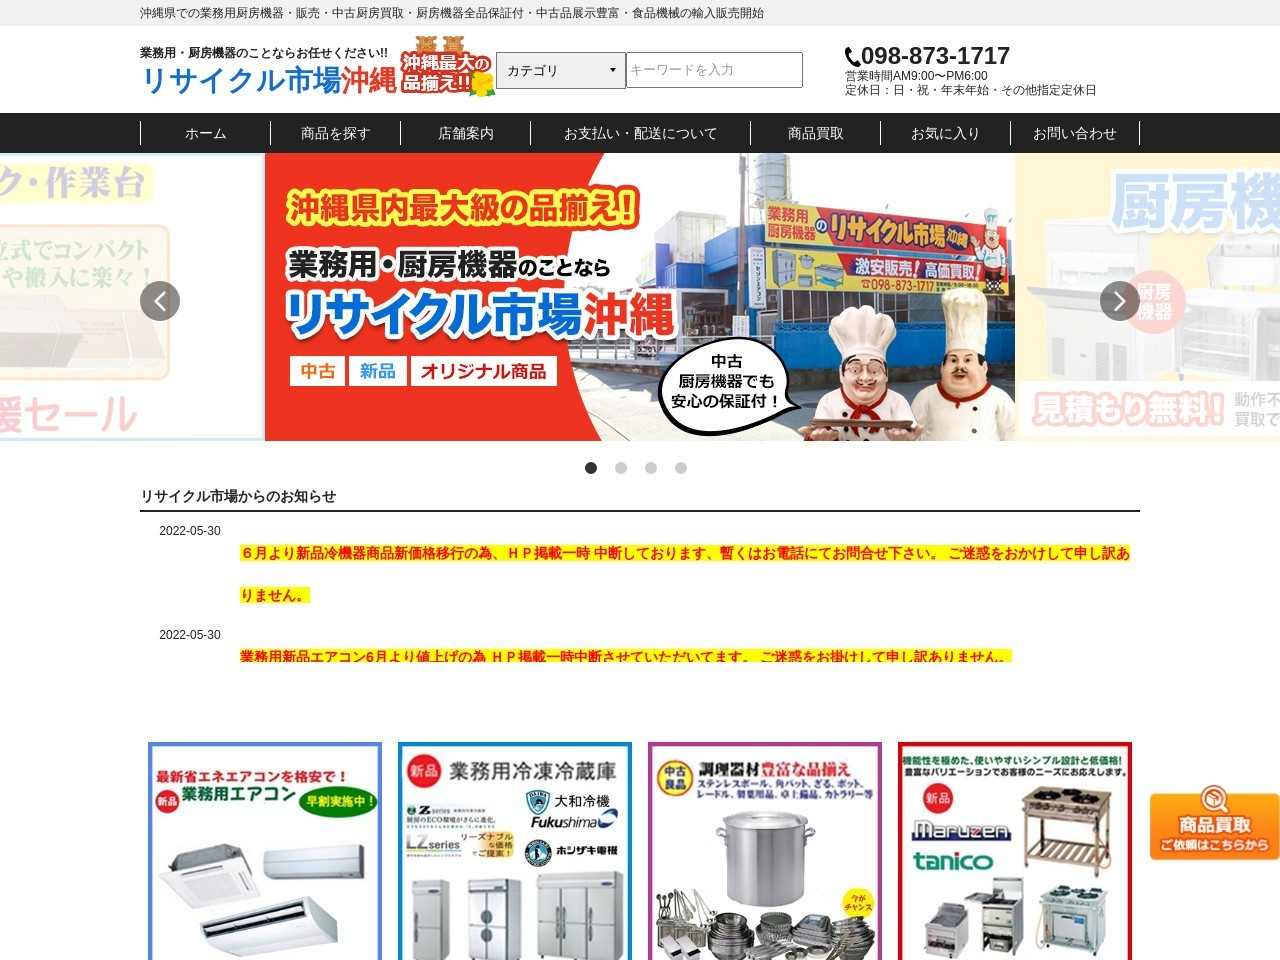 中古厨房機器 厨房機器 買取り 販売 リサイクル市場沖縄